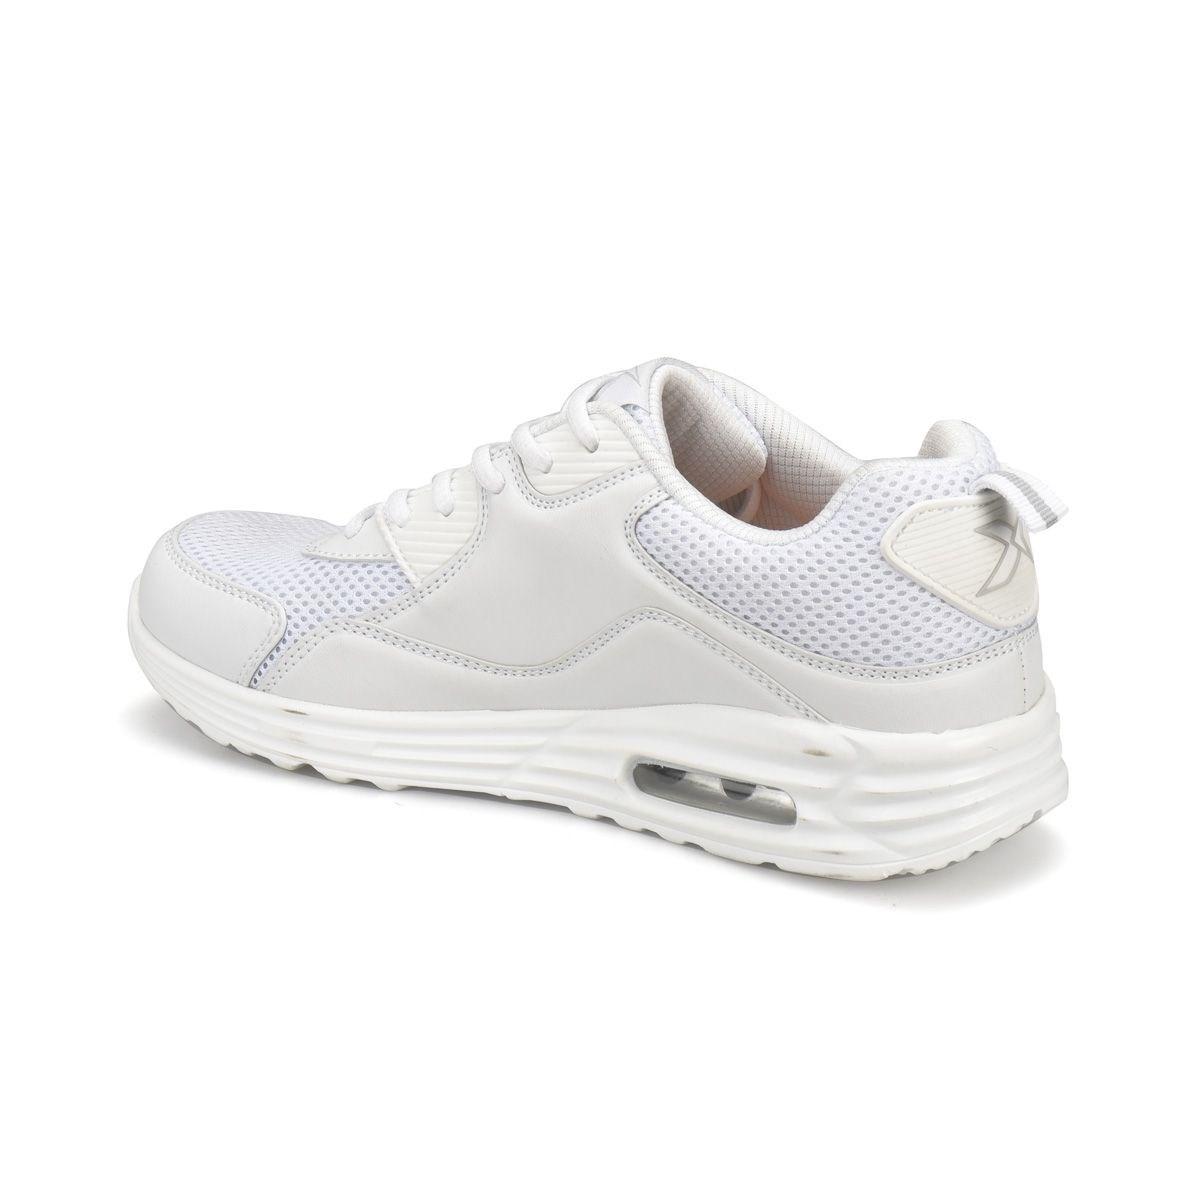 Alven Mesh Beyaz Kadın Ayakkabı